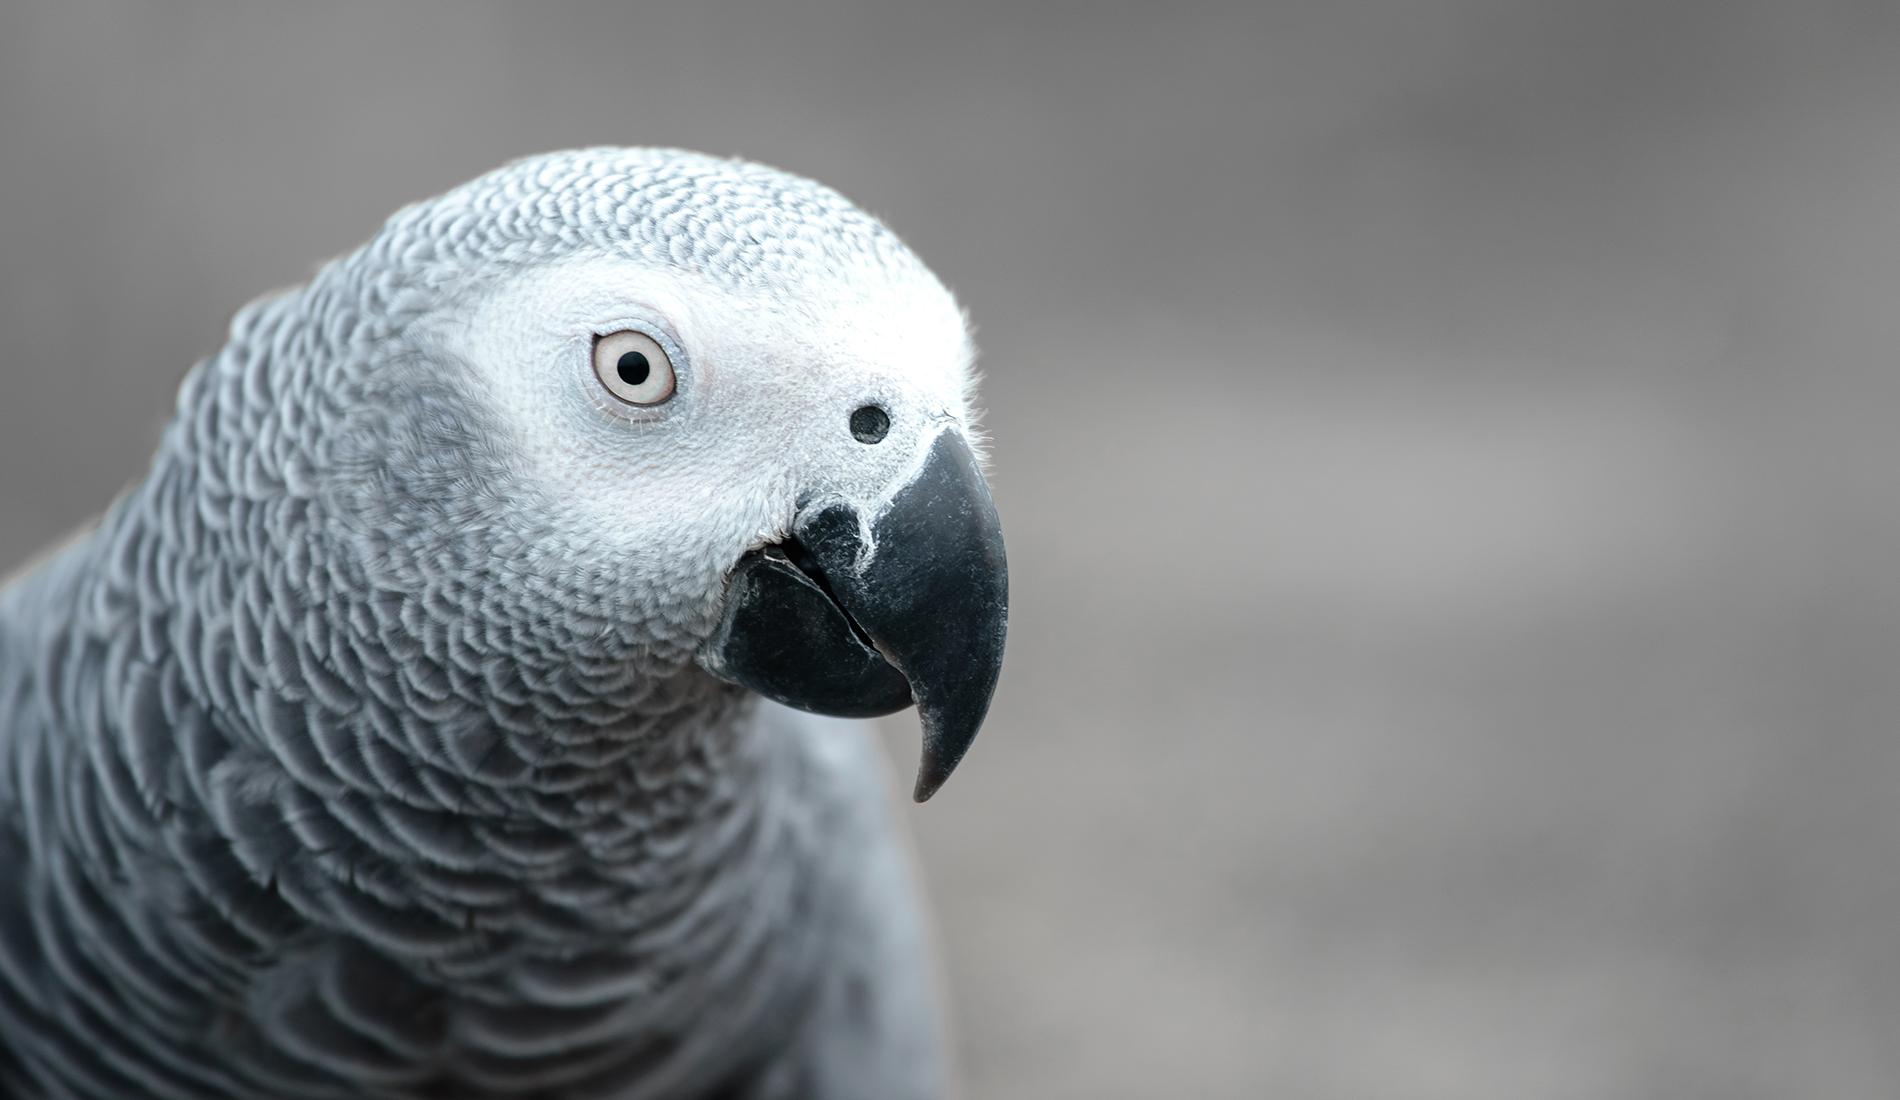 Confira alguns cuidados com a sua ave no inverno